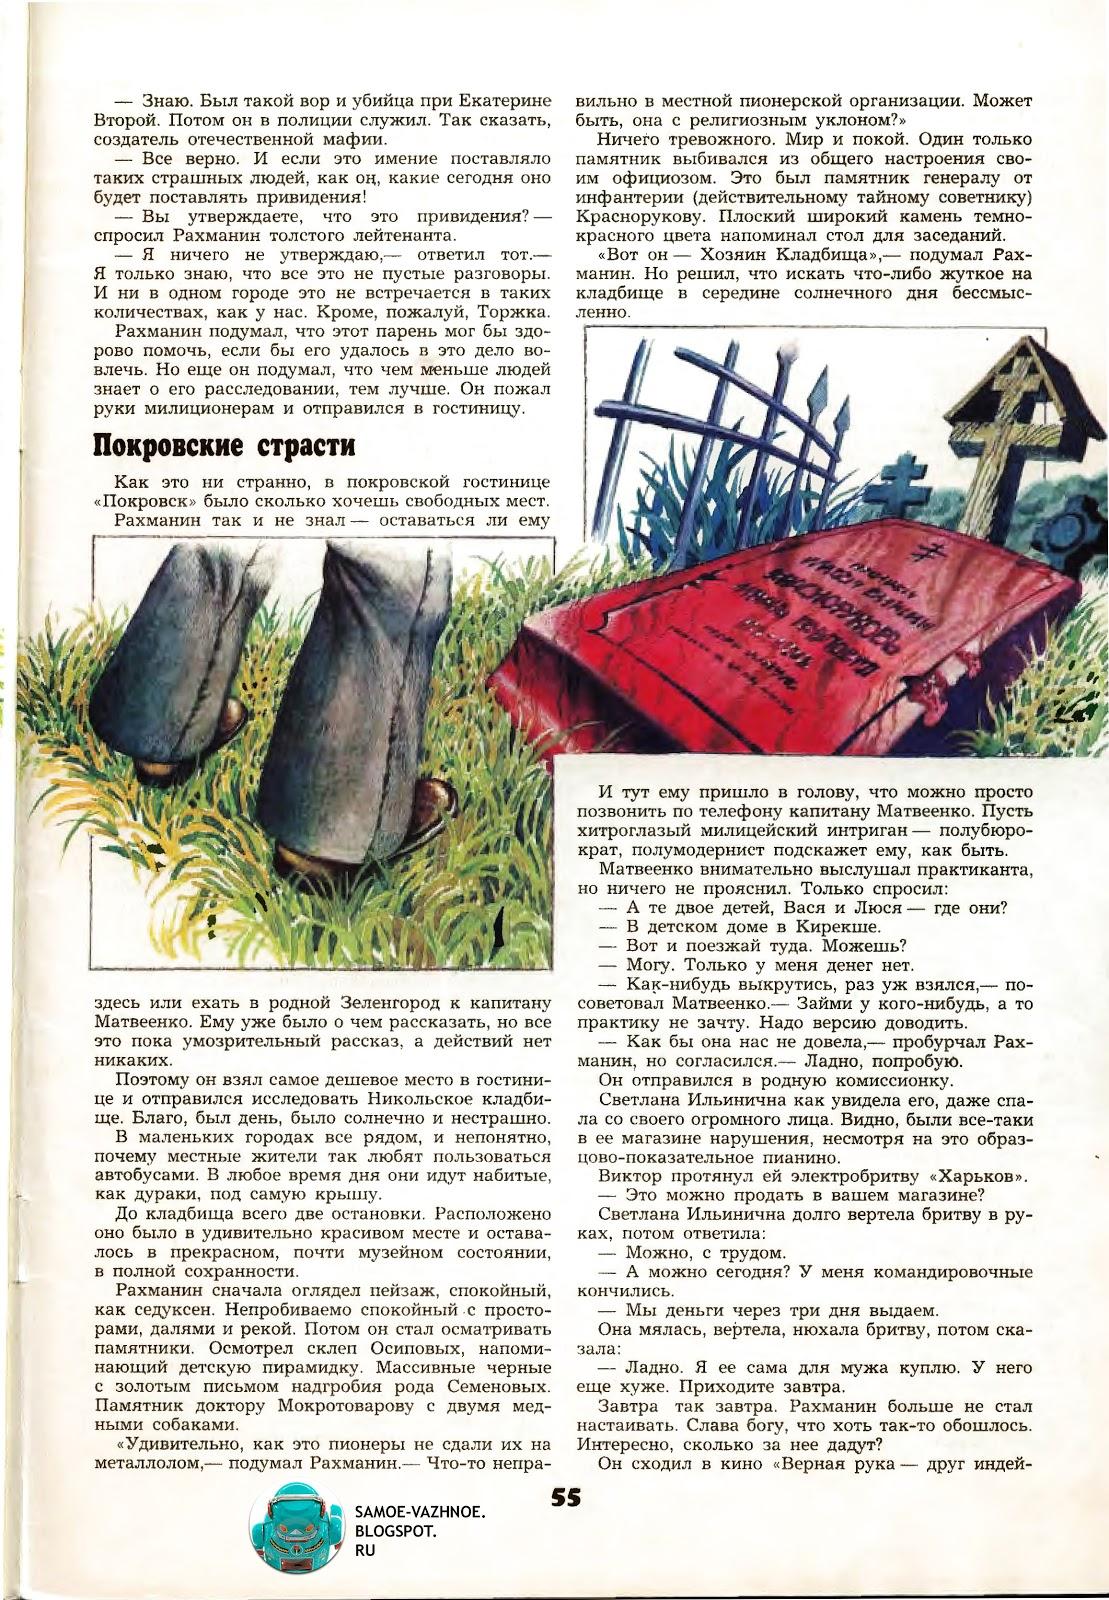 049e2fdeb7d9 Эдуард Успенский Красная рука, чёрная простыня, зелёные пальцы журнал  Пионер. Эдуард Успенский страшилки